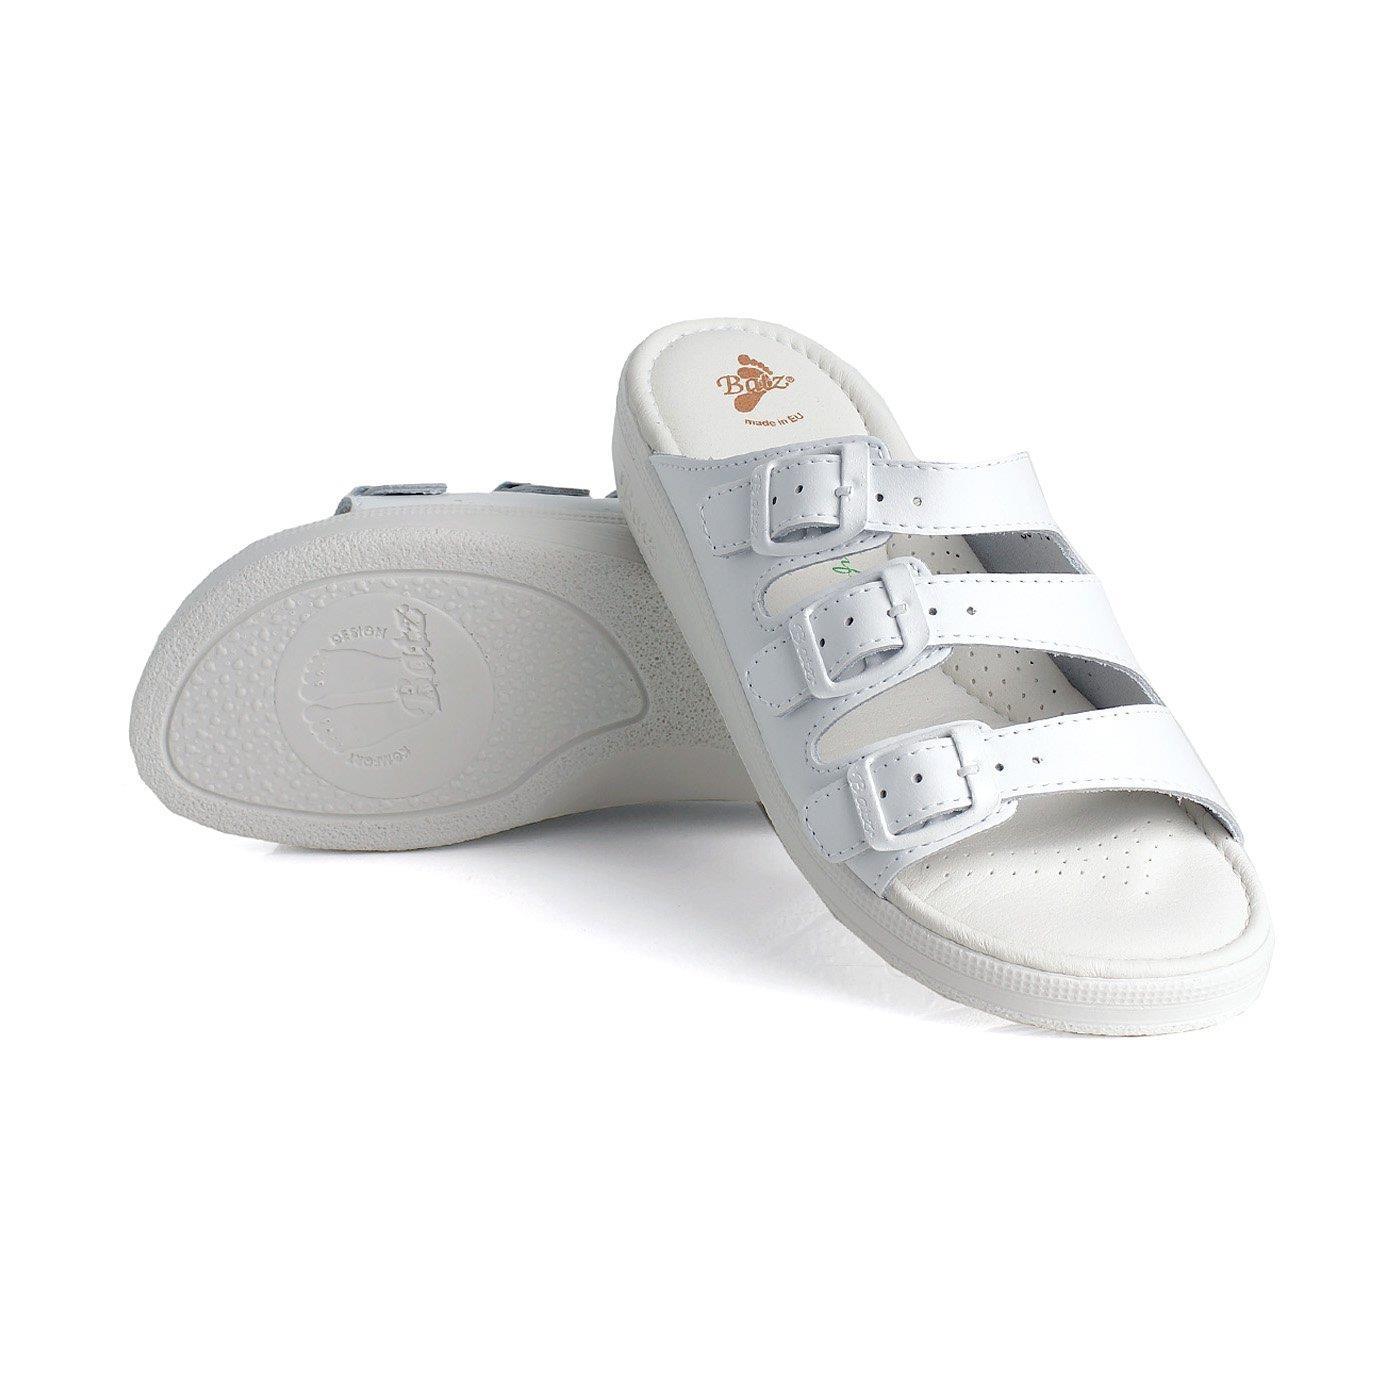 Batz* *Batz dámské zdravotní pantofle 3BCS White 40 40